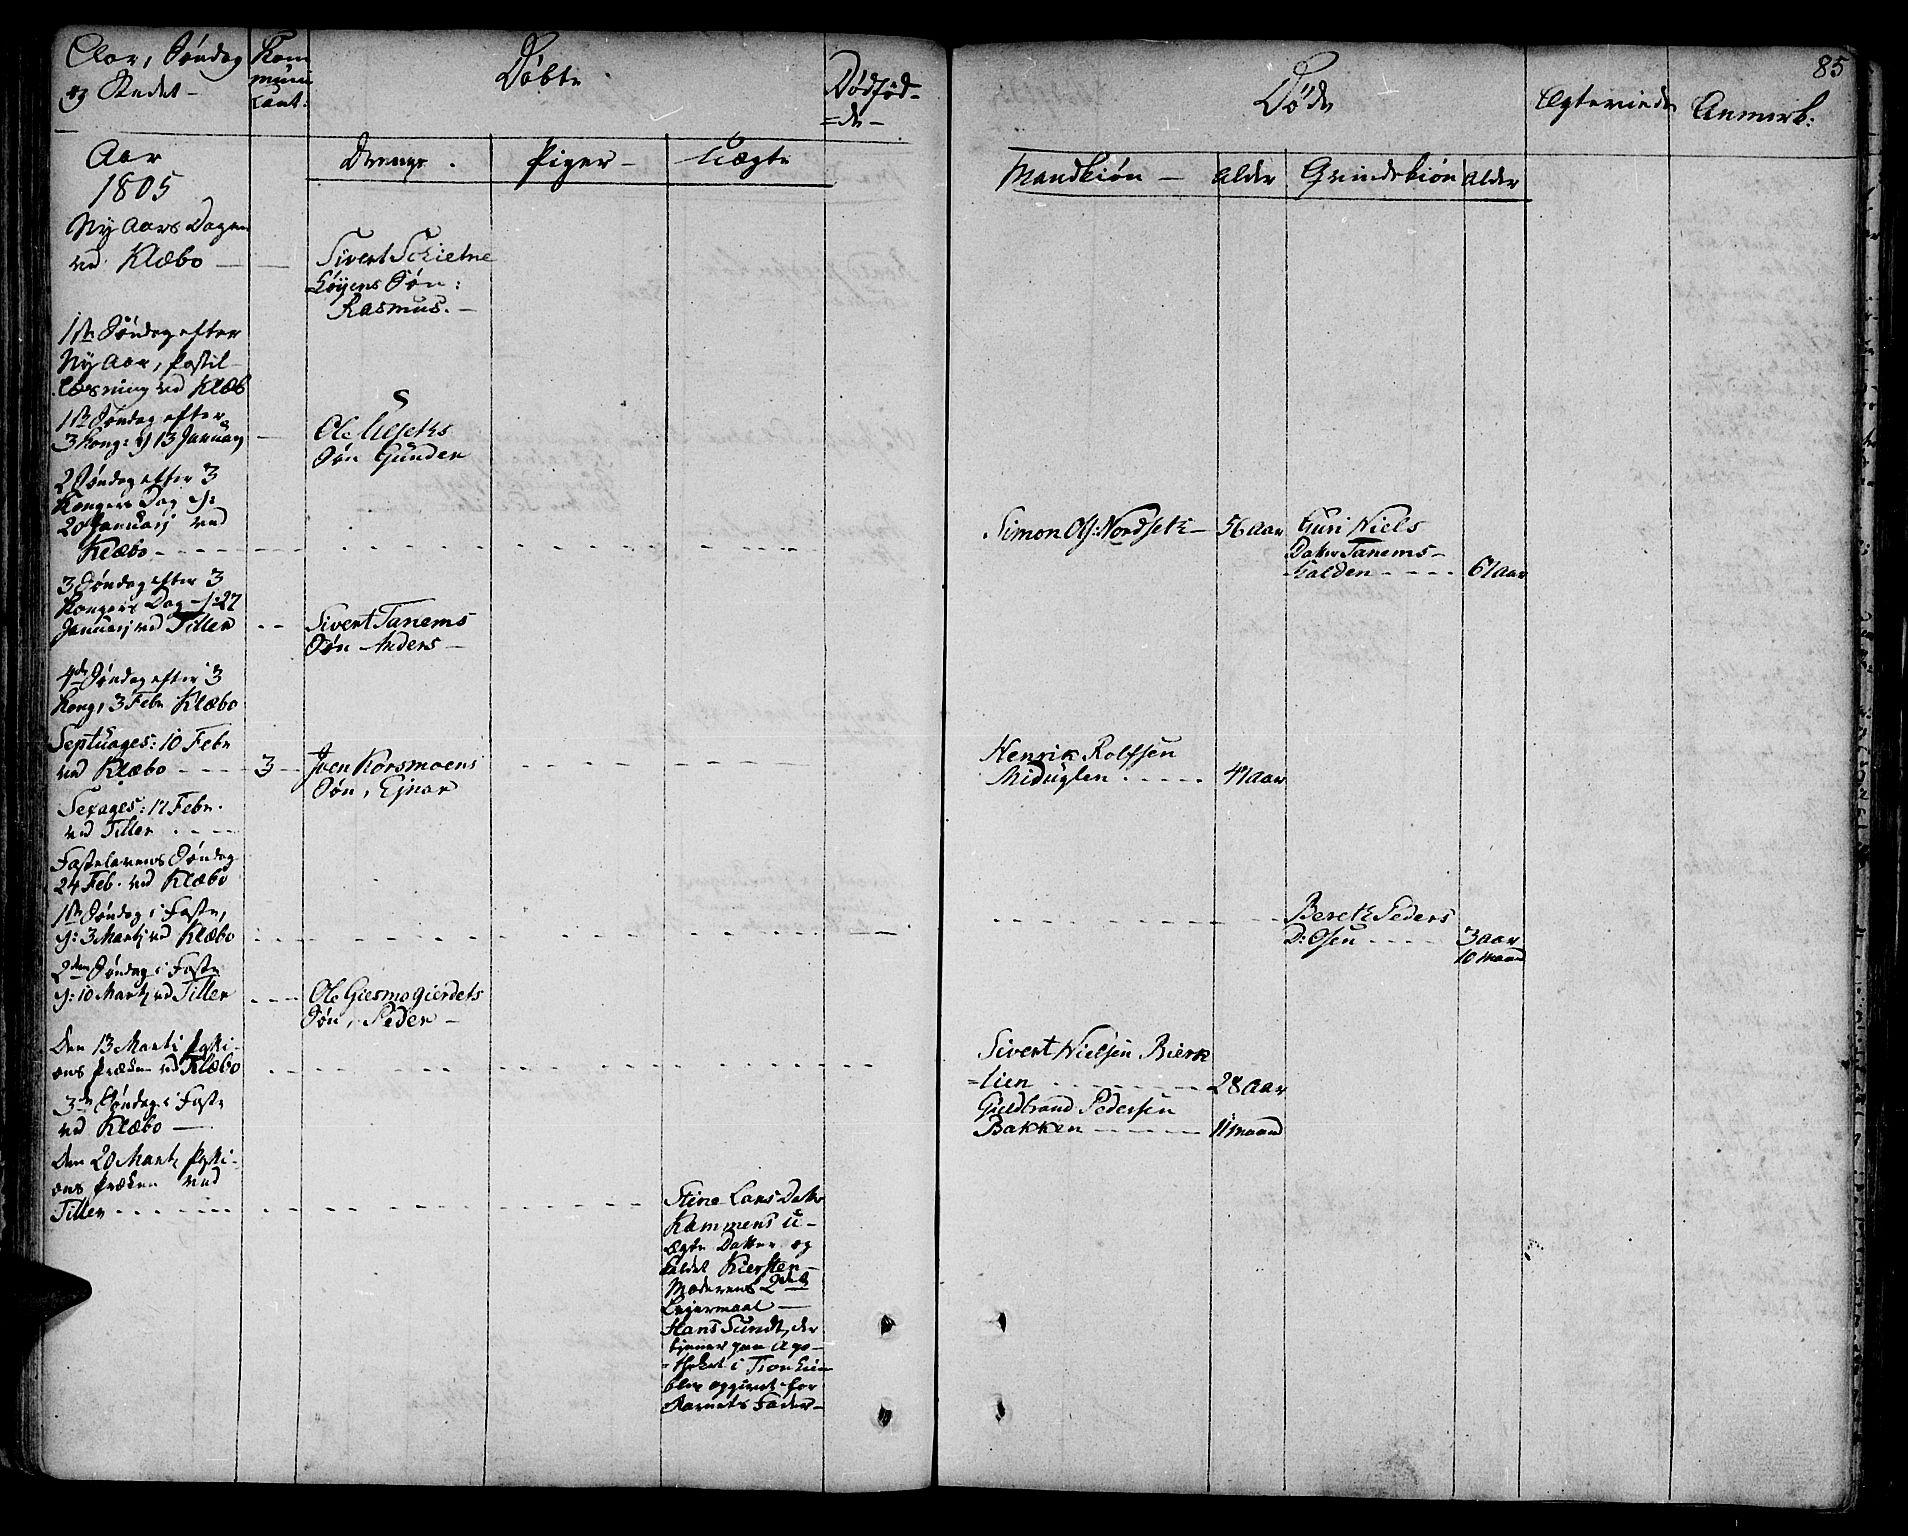 SAT, Ministerialprotokoller, klokkerbøker og fødselsregistre - Sør-Trøndelag, 618/L0438: Ministerialbok nr. 618A03, 1783-1815, s. 85